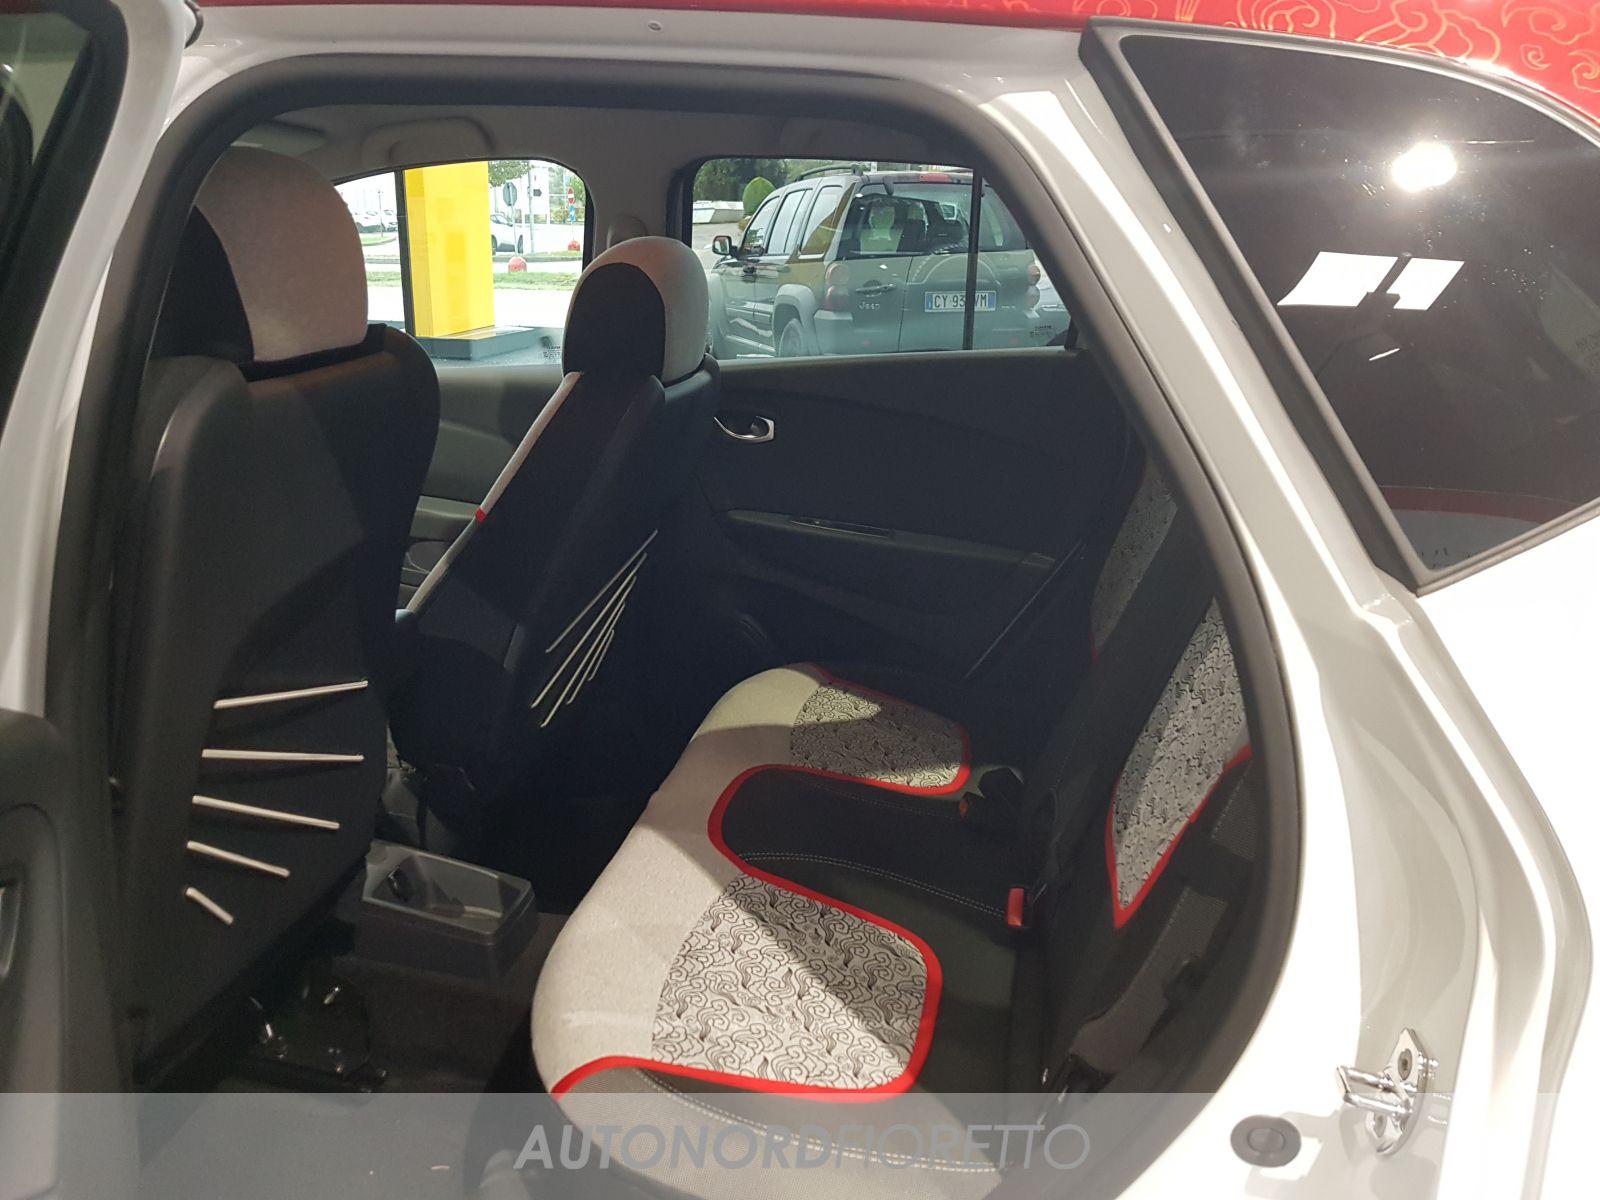 AUTONORD Renault Captur